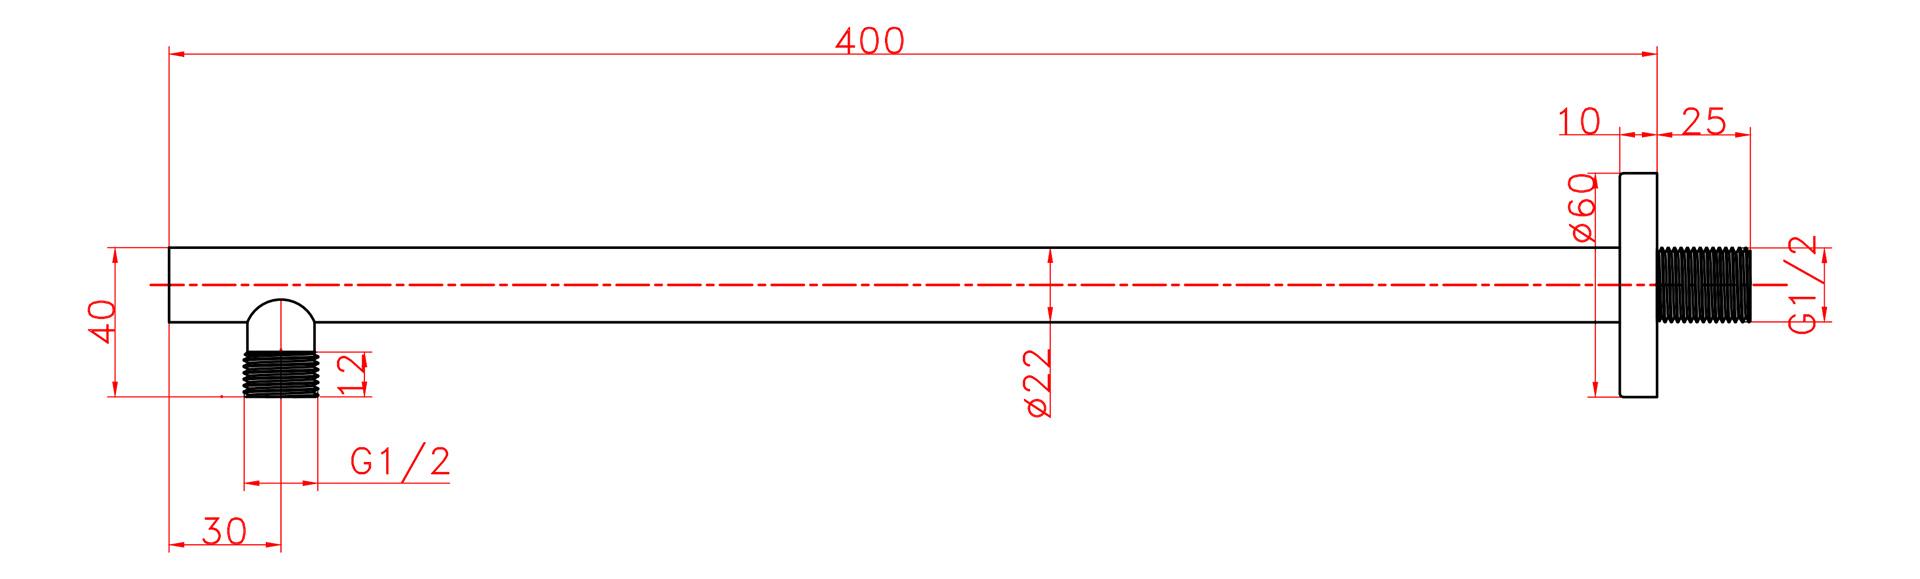 schwarzer 40 cm Designer Brausearm für Regenbrausen (rund)